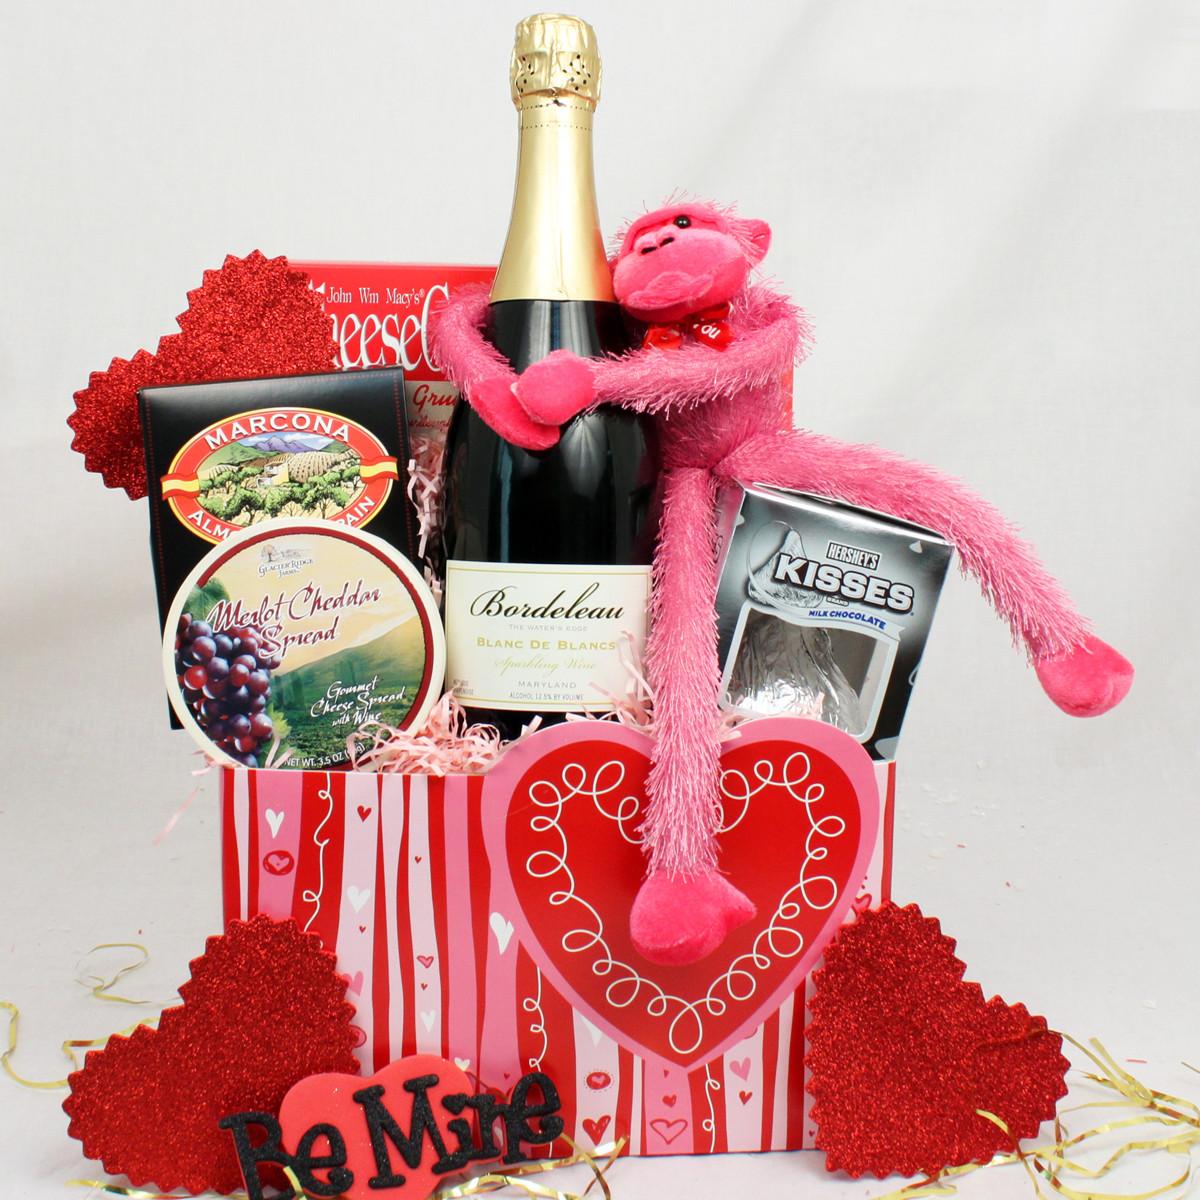 Valentine Day Gift Baskets Ideas  Valentine Gift Baskets Ideas InspirationSeek